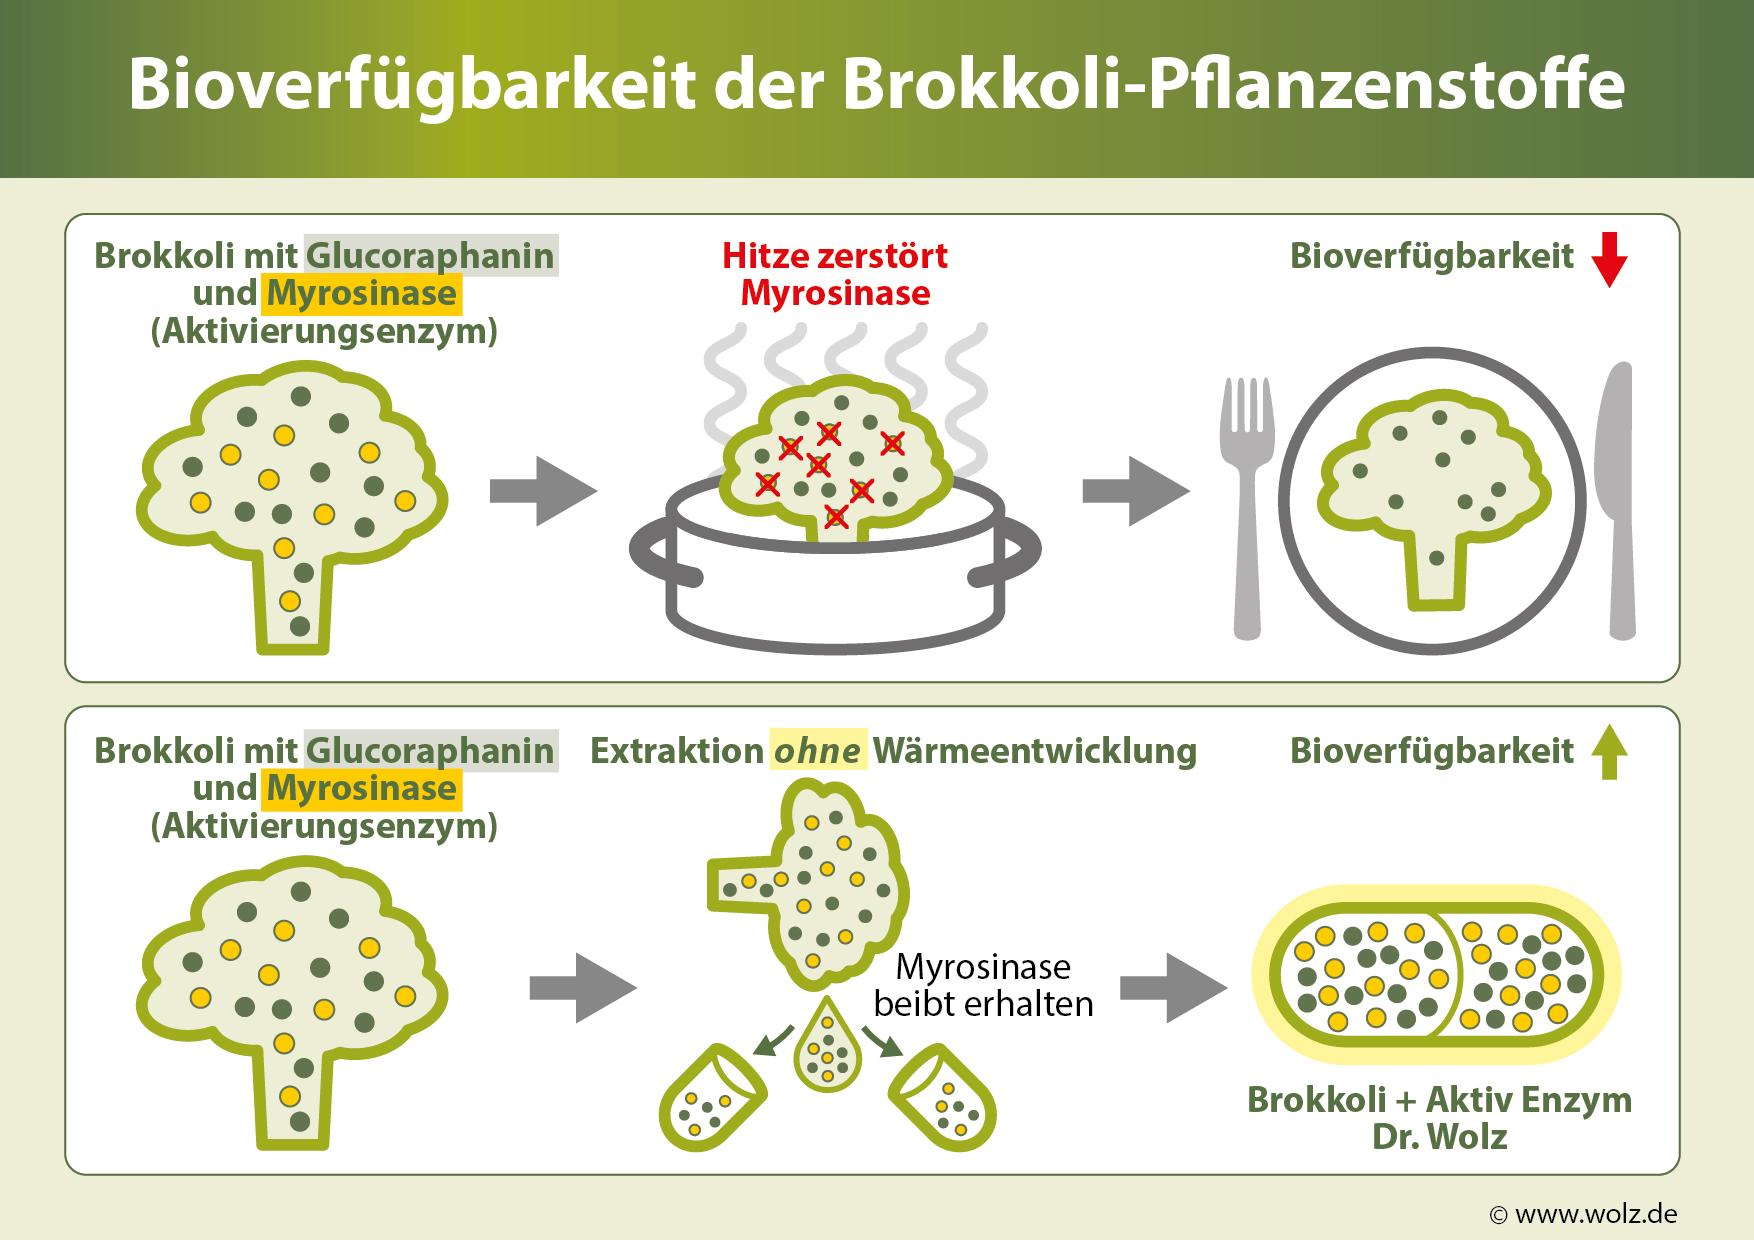 Bioverfügbarkeit der Brokkoli-Pflanzenstoffe